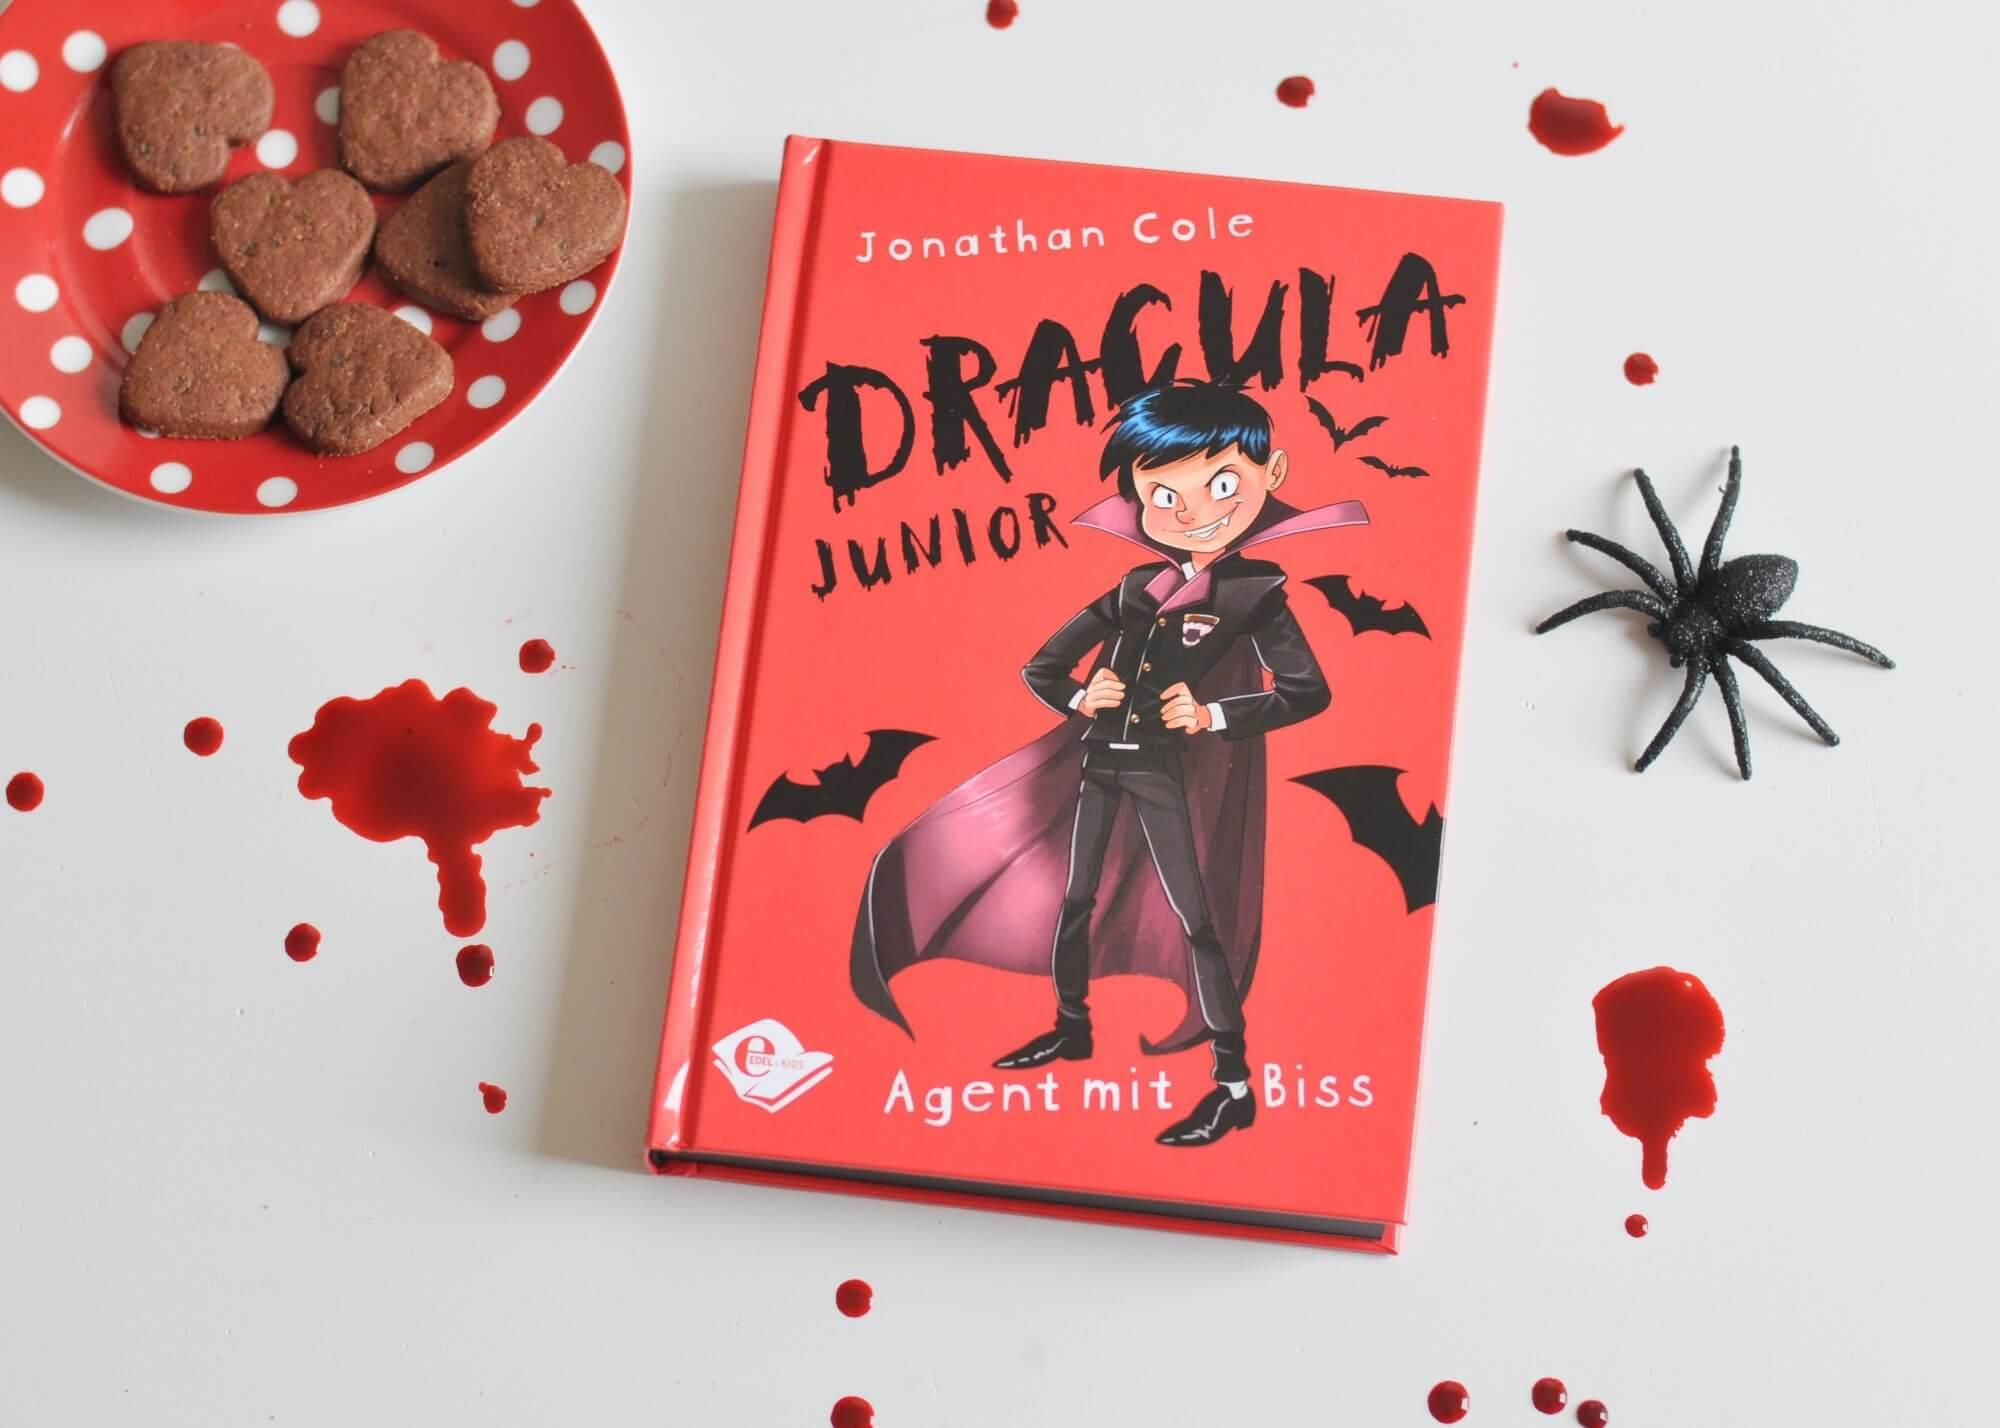 Vieles,w as man über Vampire gehört hat ist wahr. Sie schlafen in Särgen, trinken Blut und verwandeln sich in Fledermäuse. Als Dorian einen Geheimauftrag bekommt, muss er raus aus seiner Komfortzone und rein ins Abenteuer in ein fremdes Land. Doch Costin, sein Wiedersacher, scheint ihm immer einen Schritt voraus zu sein. #vampir #kinderbuch #lesen #dracula #grusel #halloween